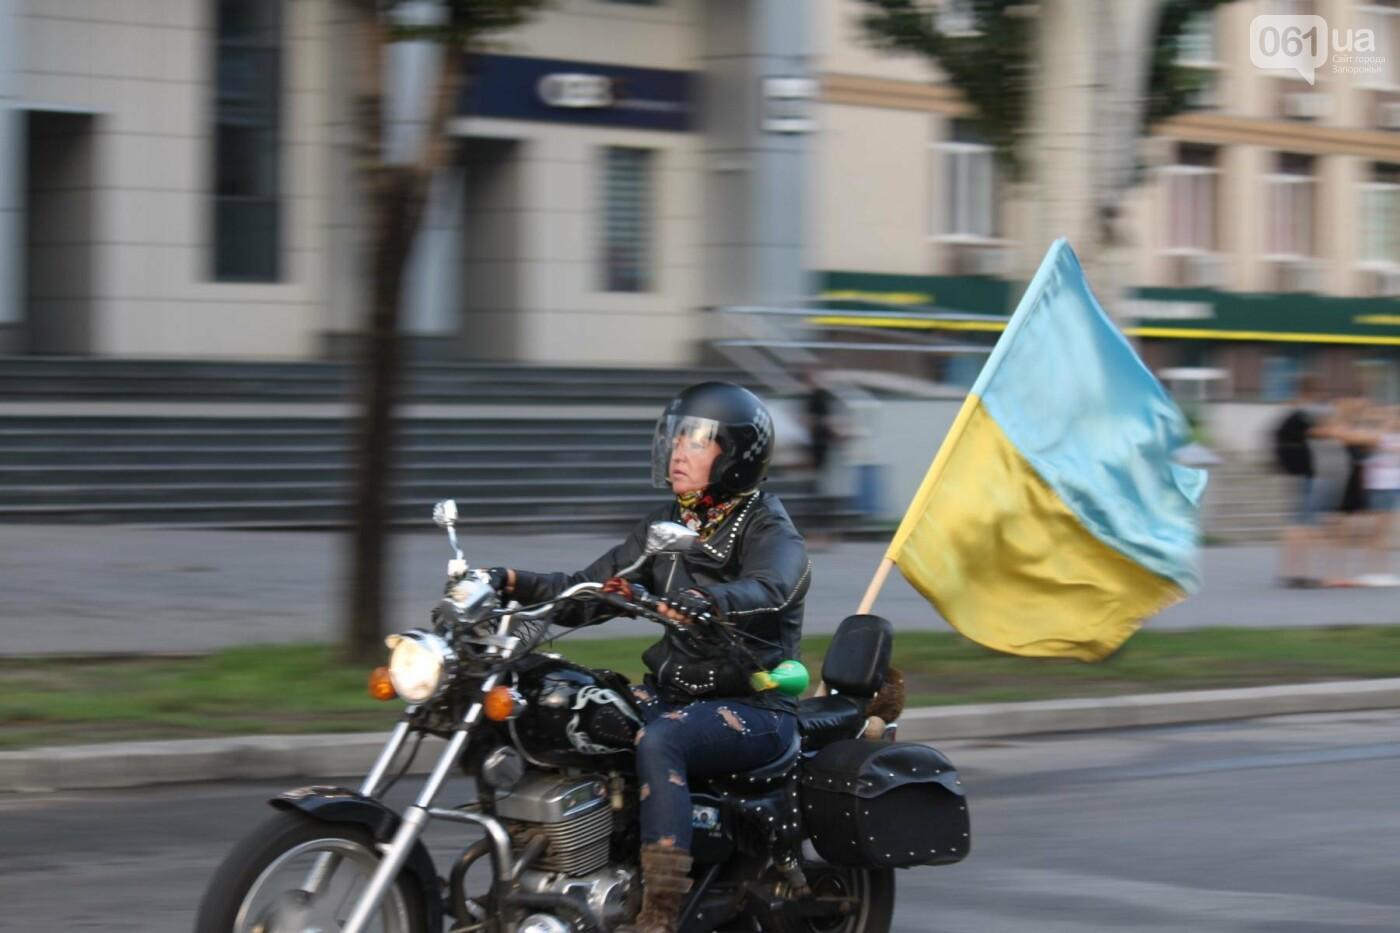 В Запорожье завершился всеукраинский Мотопробег единства, – ФОТОРЕПОРТАЖ, фото-2